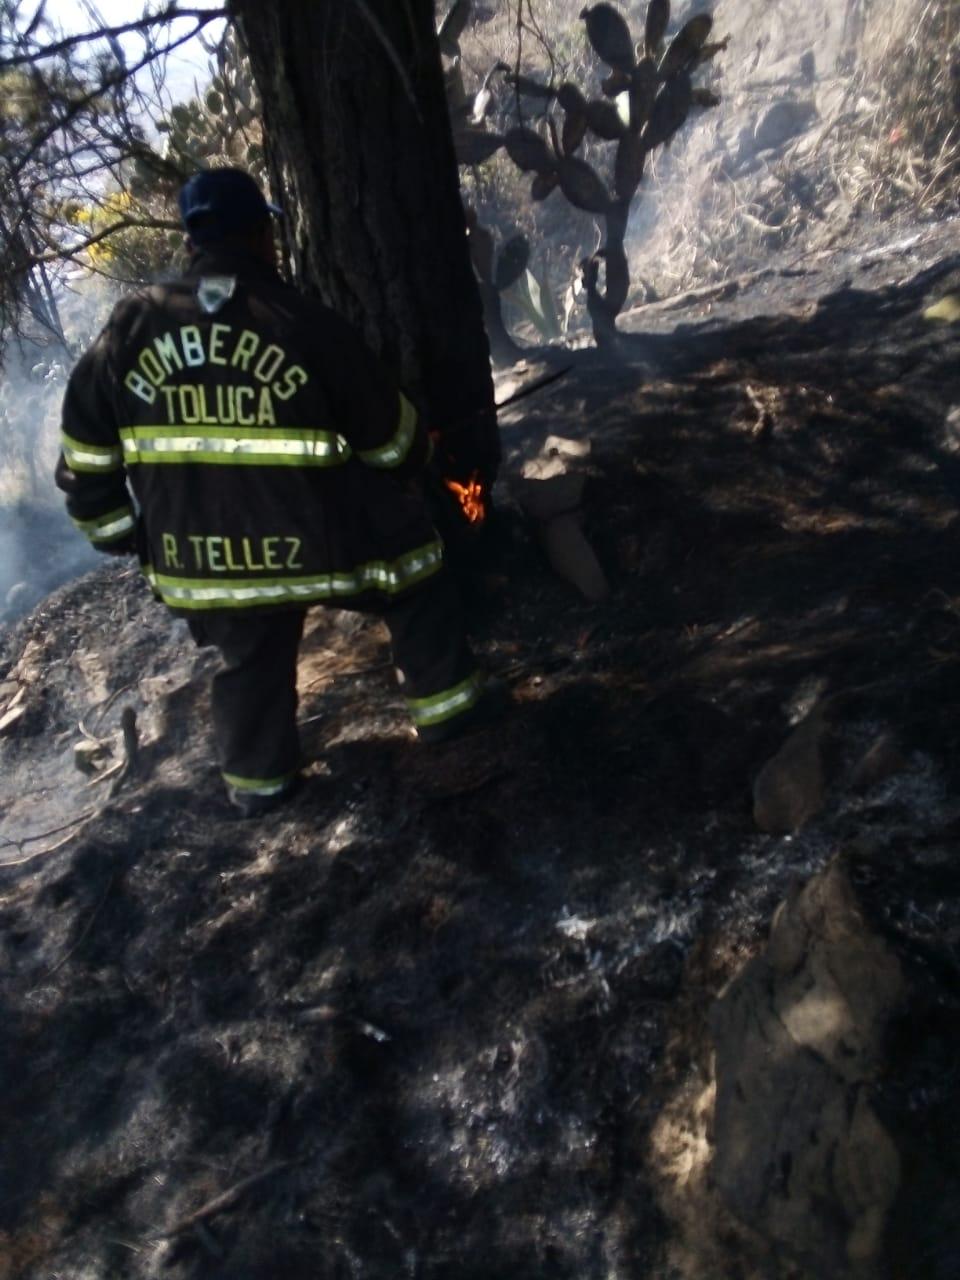 Bomberos de Toluca sofocan 34 incendios de pastizales en el presente año